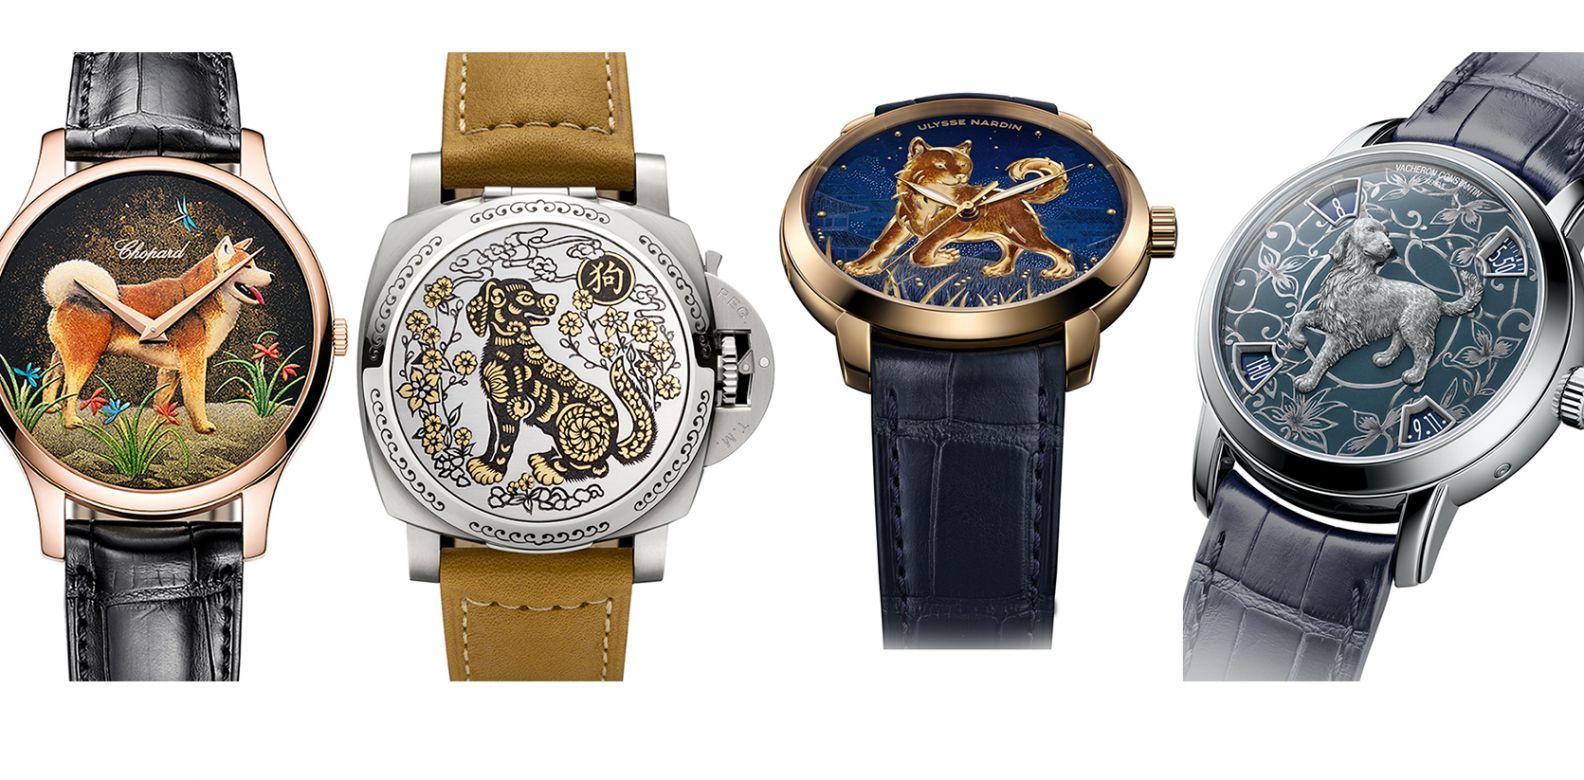 (由左至右)蕭邦、沛納海、雅典錶、江詩丹頓。